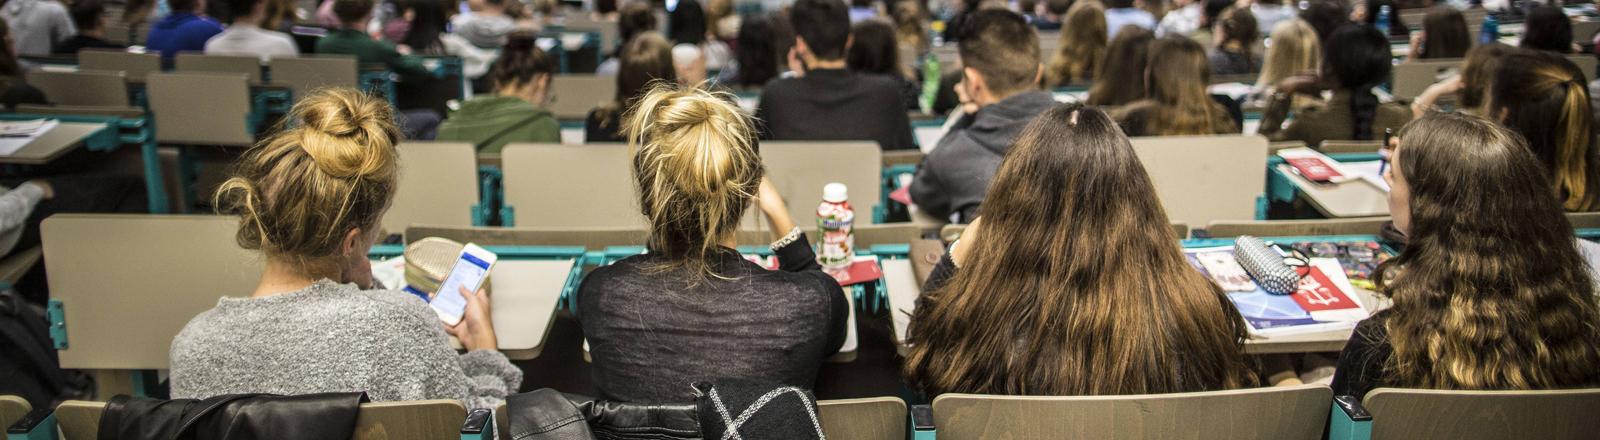 Studierende der Universität Mainz im Hörsaal